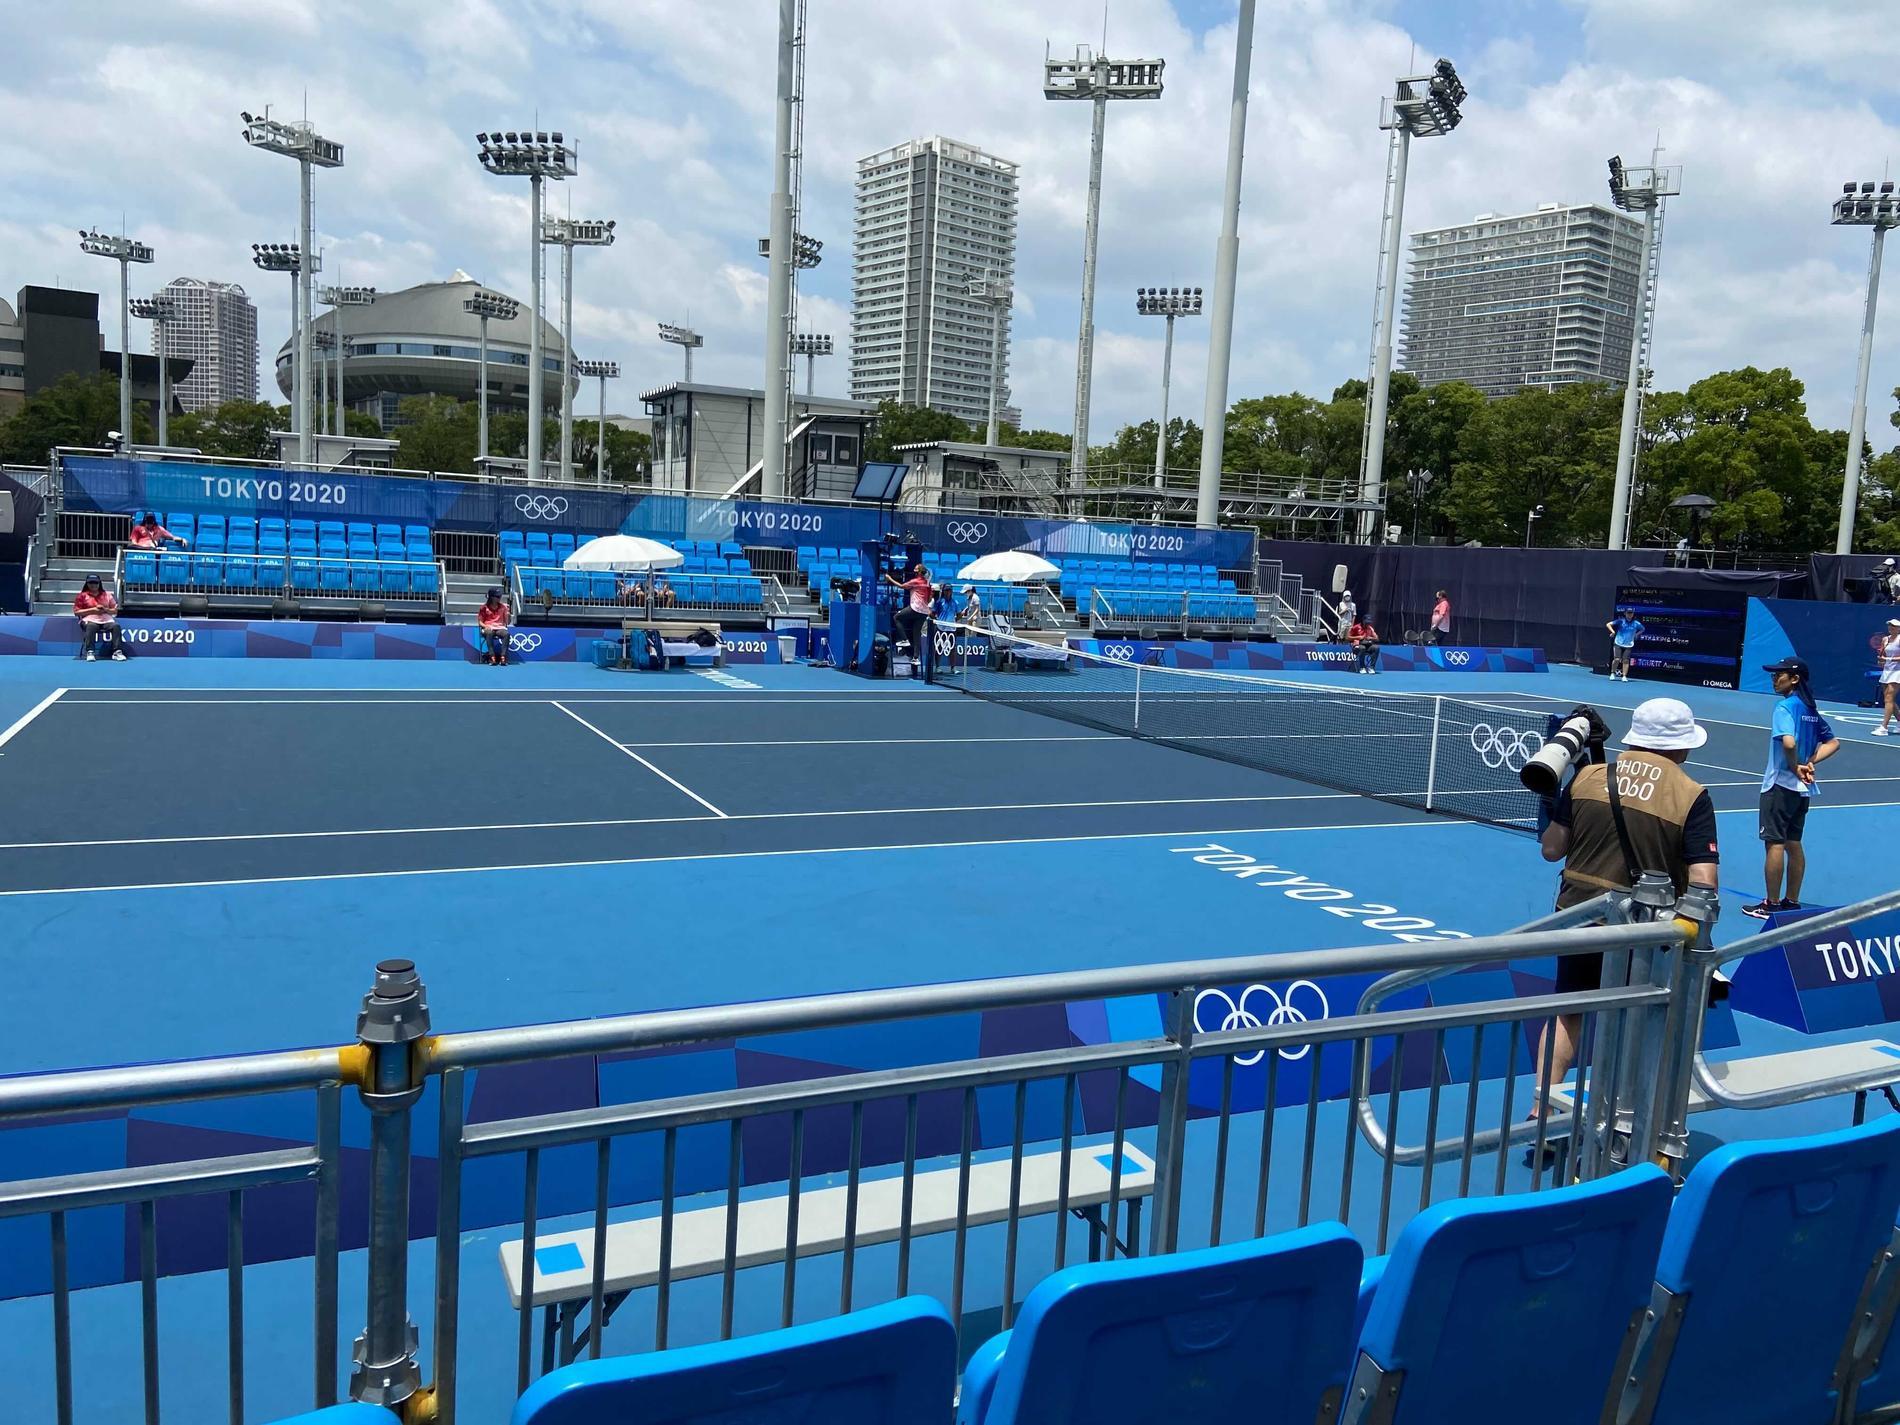 Klarblå himmel över tenniscourten under måndagen när Rebecca Peterson spelade tennis. Likväl fanns en oro i arrangörslandet över den annalkande tyfonen. Som alltid när tyfoner är annalkande.